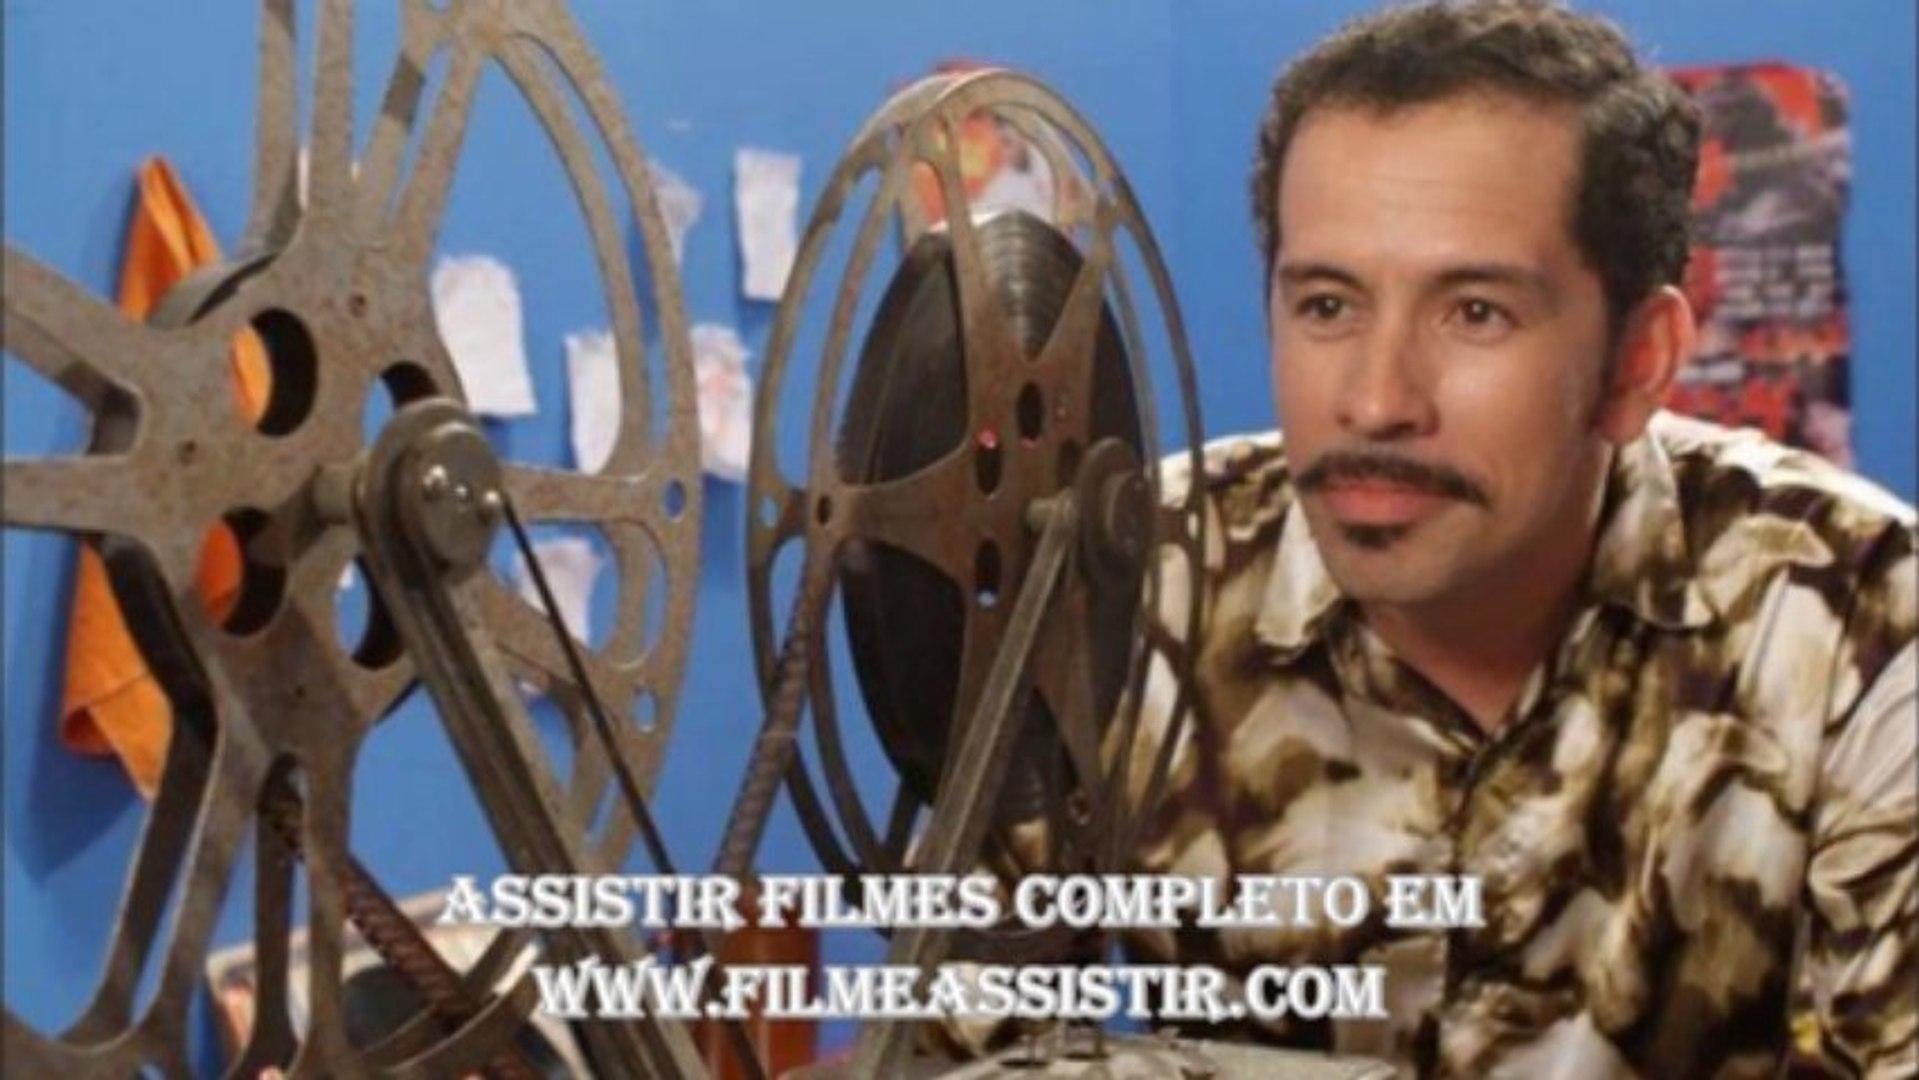 HOLLIDY CINE GRATUITO DOWNLOAD COMPLETO FILME